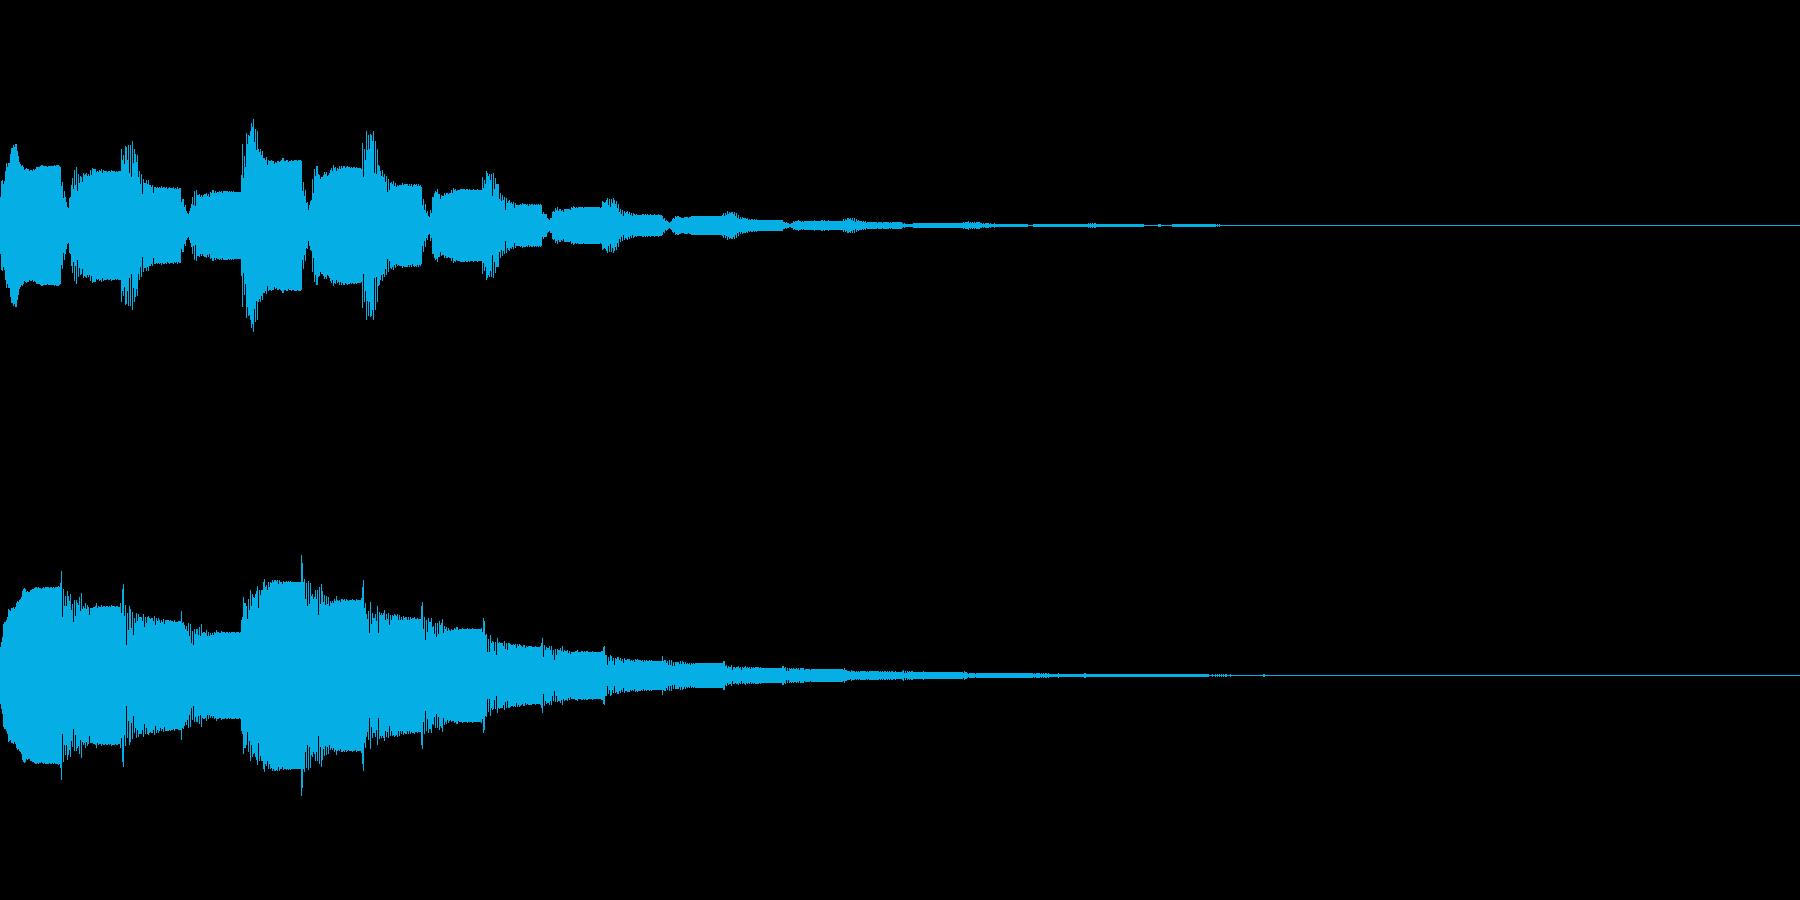 ピロピロピロ:コンビニなどの入店音の再生済みの波形